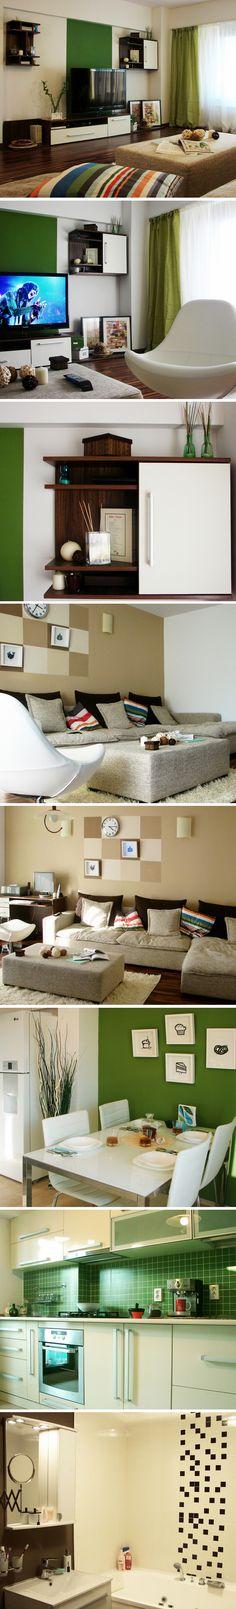 One room apartment Interior Design